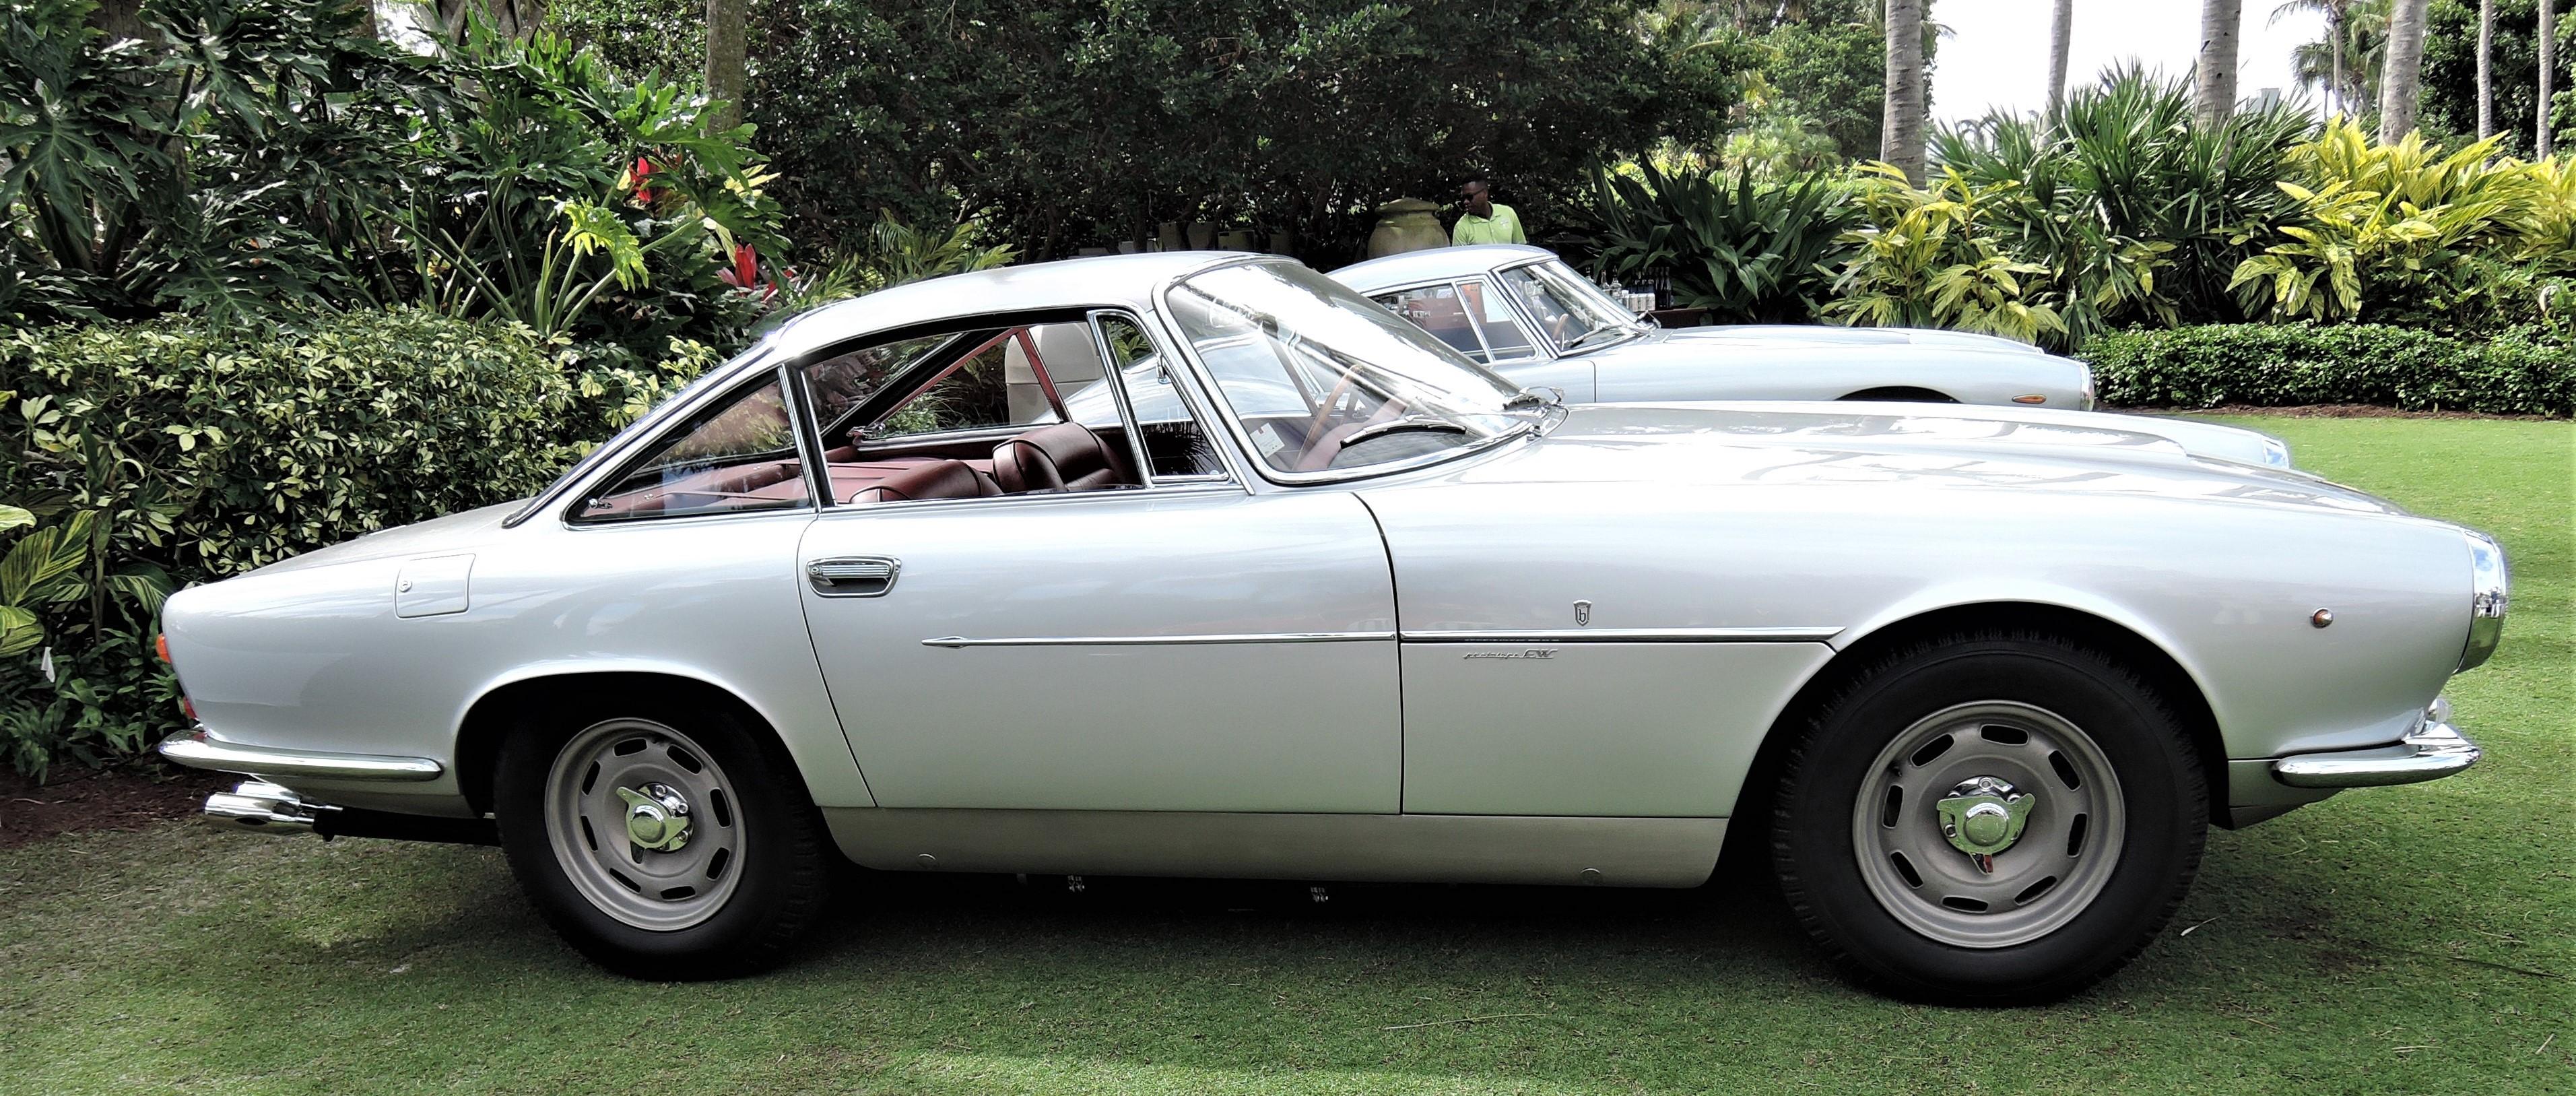 silver 1959 Ferrari 250 GT Bertone; Sn 1739 GT - Cavallino 2018 Concours